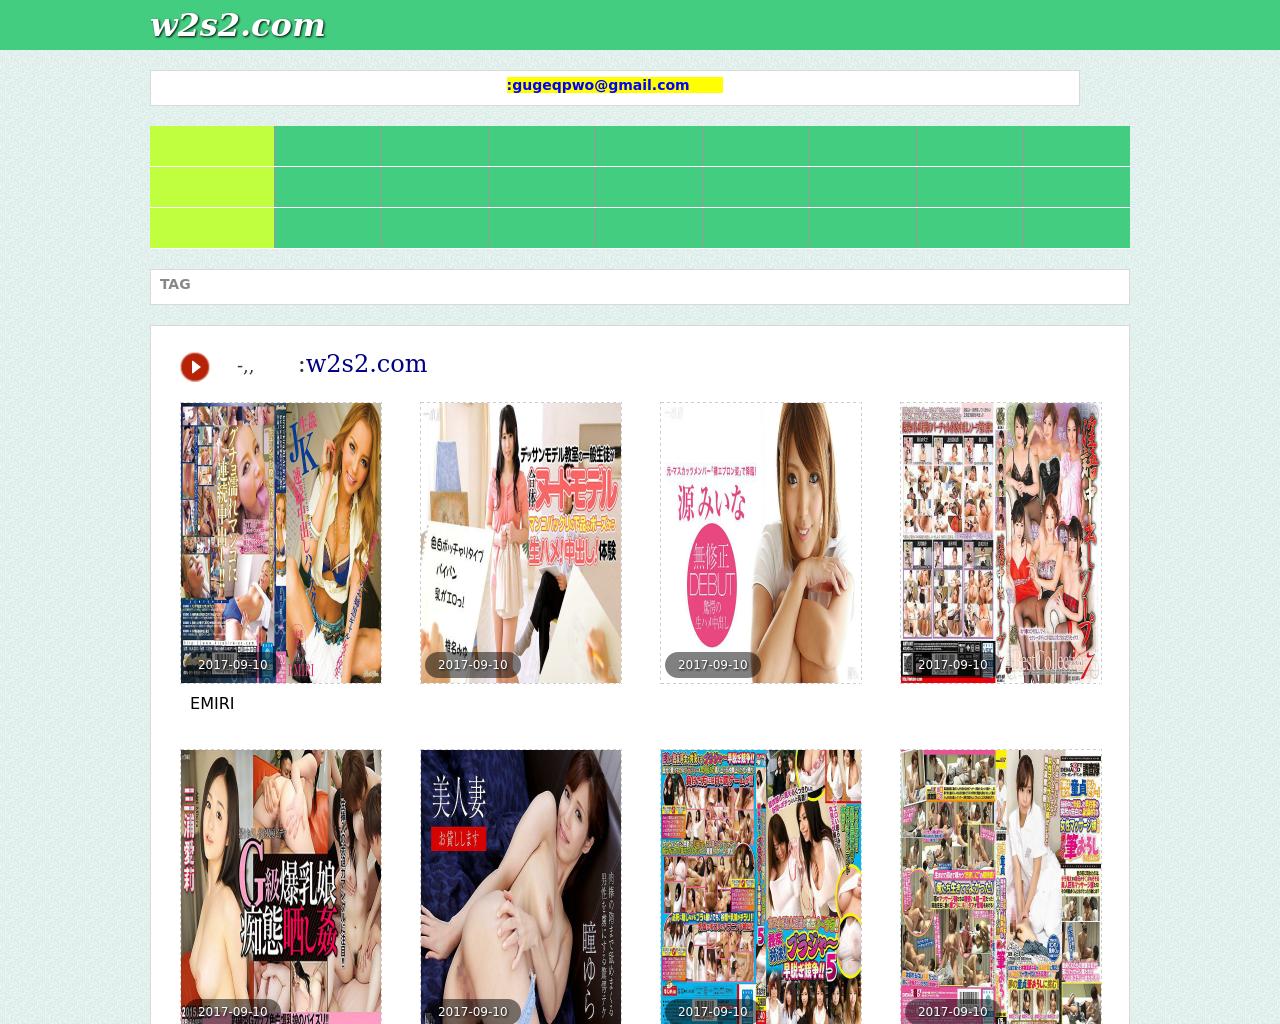 119465.43825 websnapshot